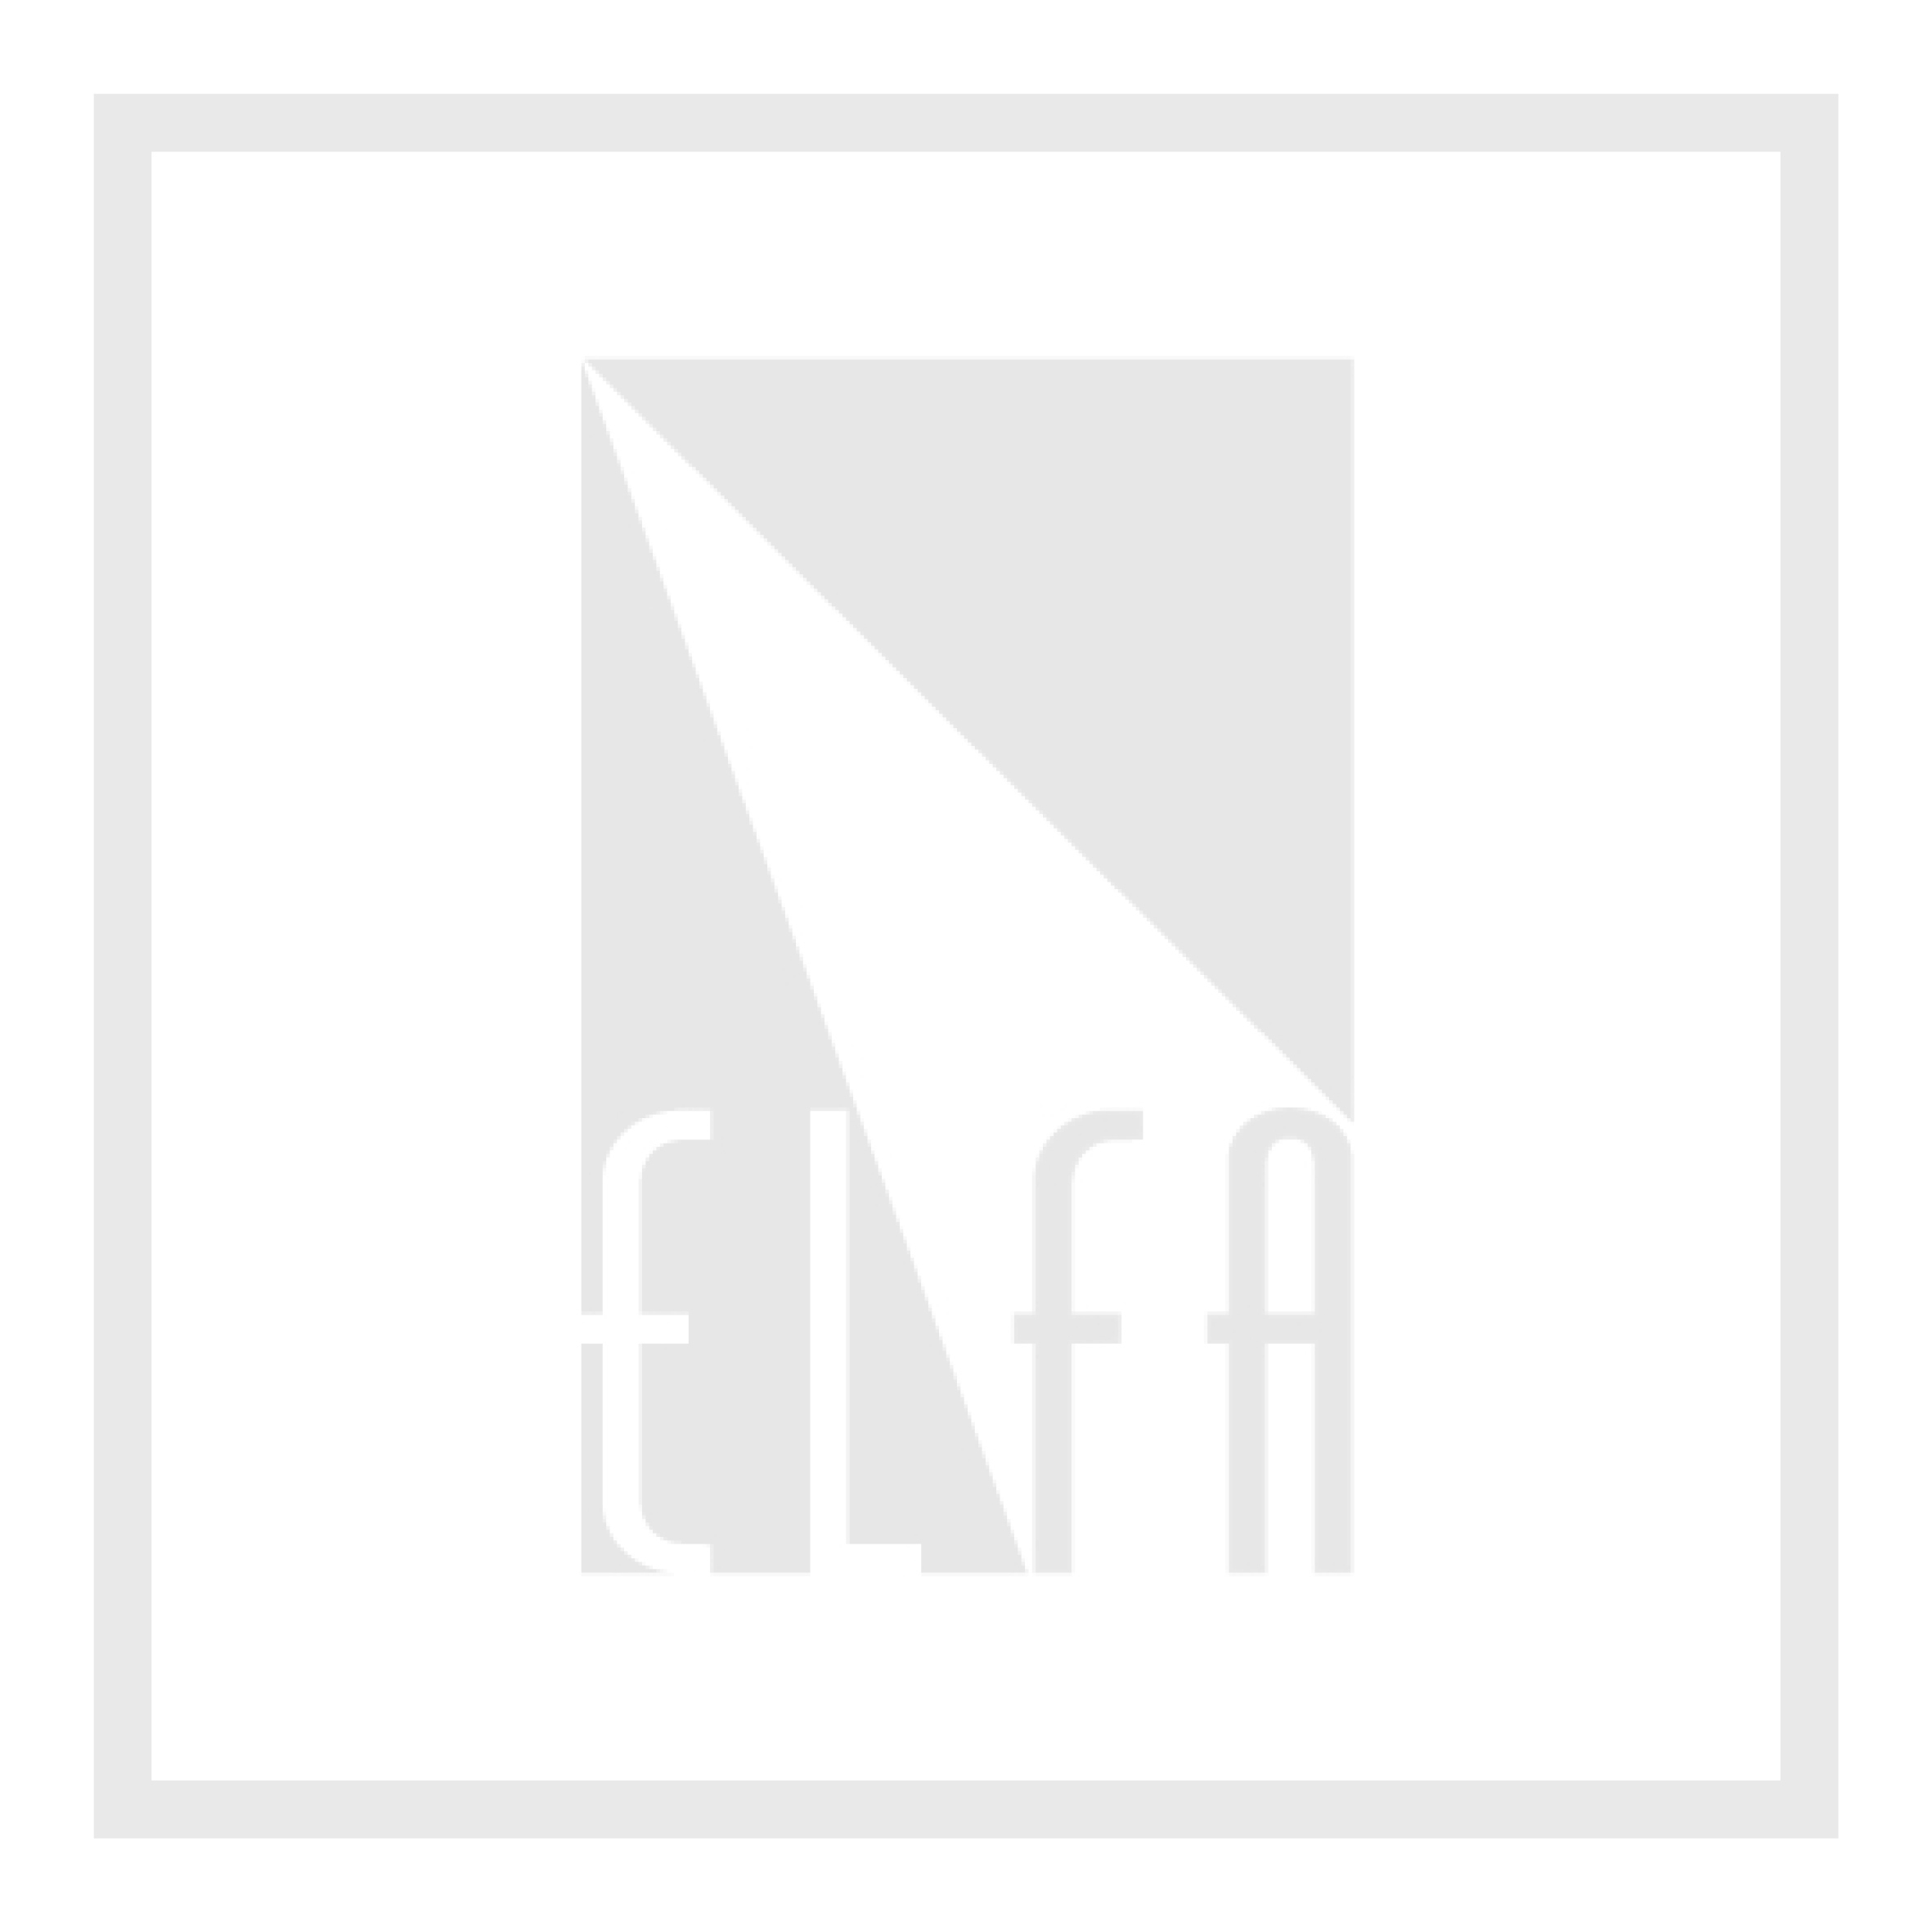 Fiamm Pb 12V 1200mAh standard L97 B48,5 H50,5 faston4,8